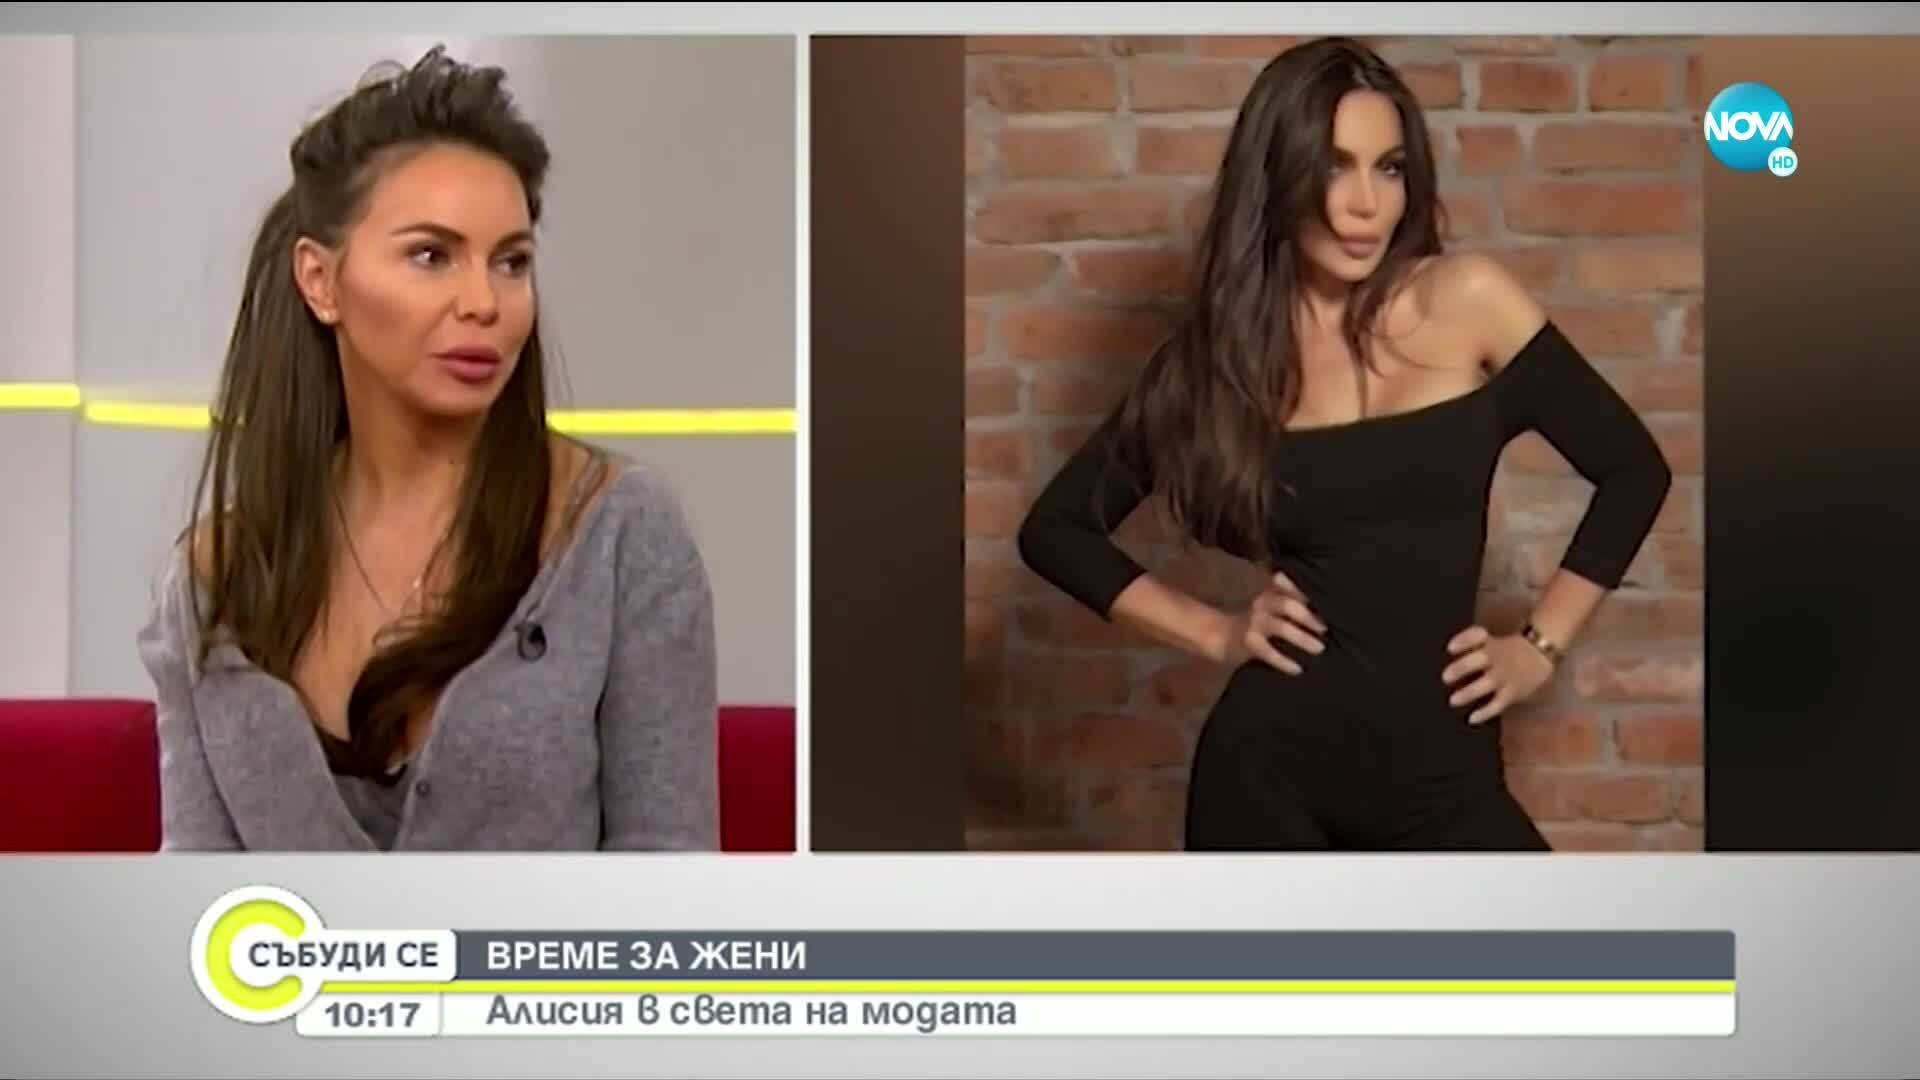 ВРЕМЕ ЗА ЖЕНИ: Алисия в света на модата